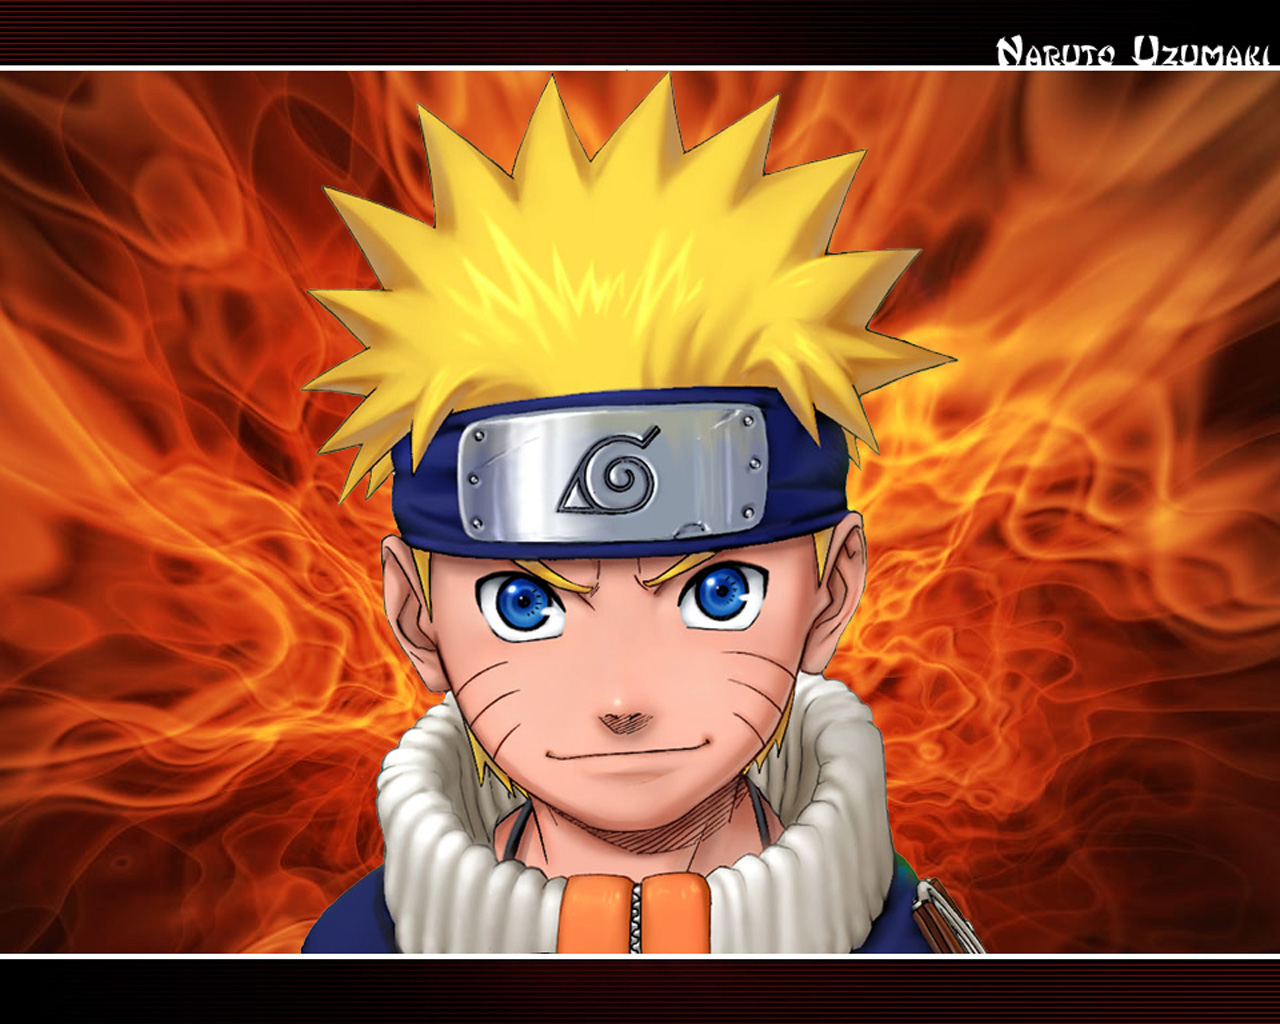 Dragon Ball Z Goku vs Naruto Naruto 1280x1024